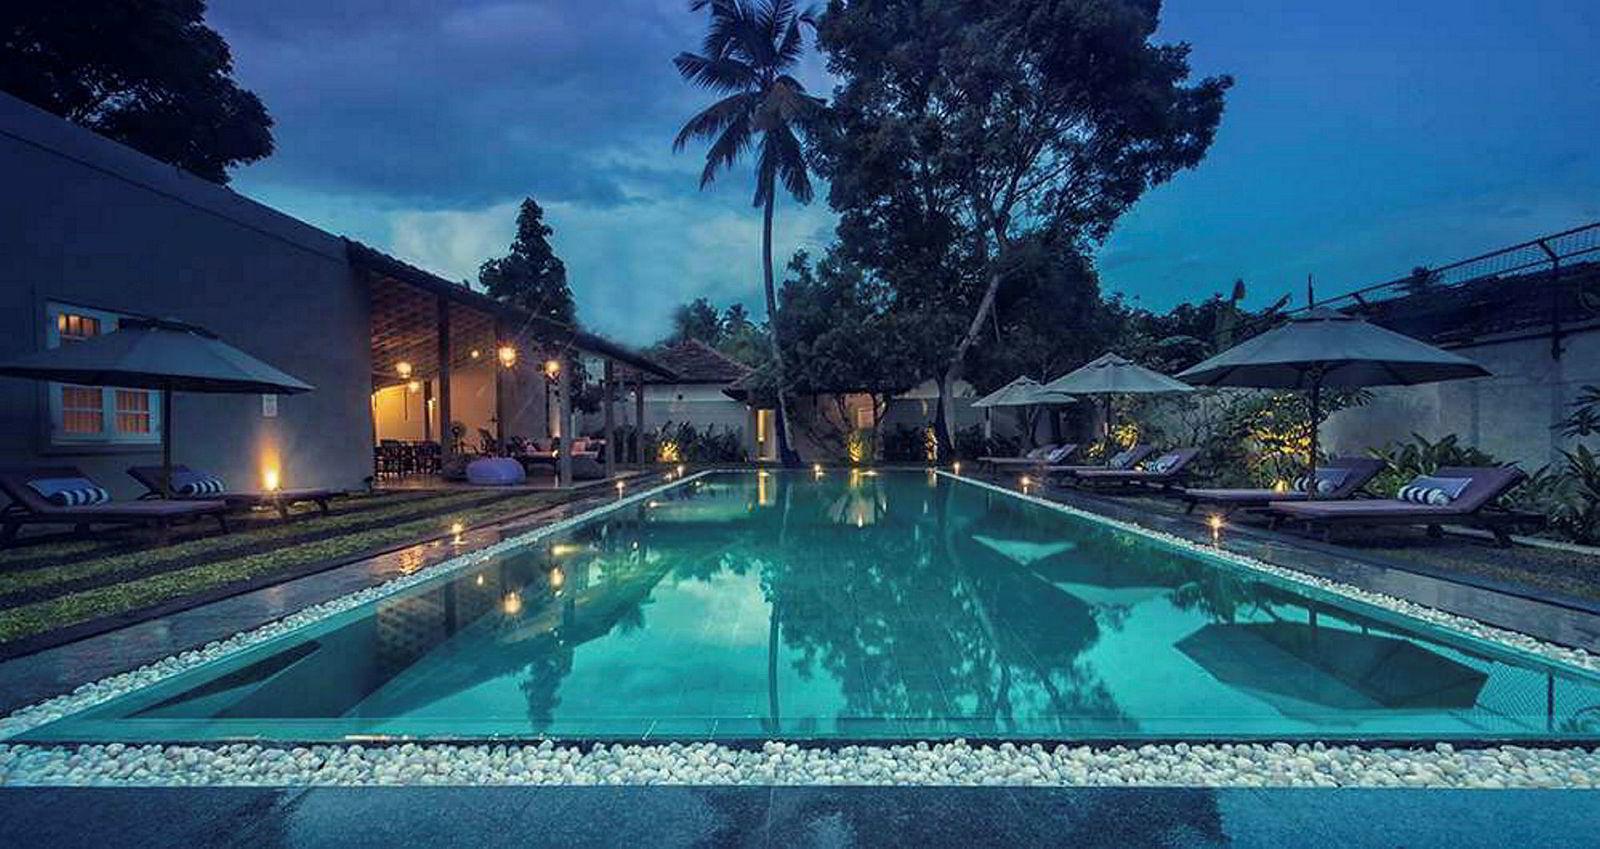 Kurt Mosvolds står fast ved planene om å bygge enda flere hoteller på Sri Lanka. Her fra Mosvolds hotell We Escape.